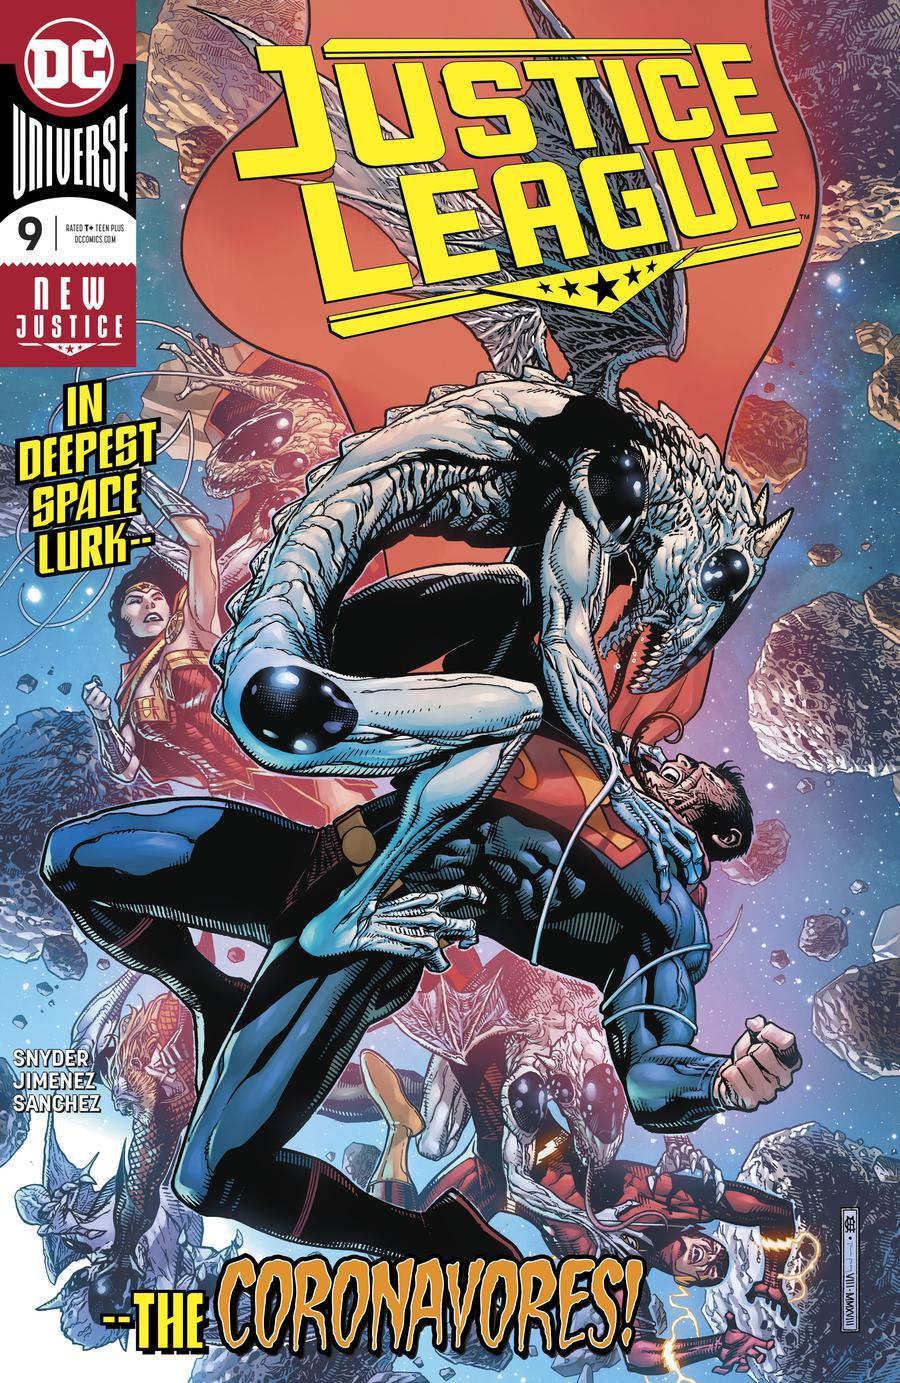 Justice League Vol 4 #9 Cover A Regular Jorge Jimenez Cover